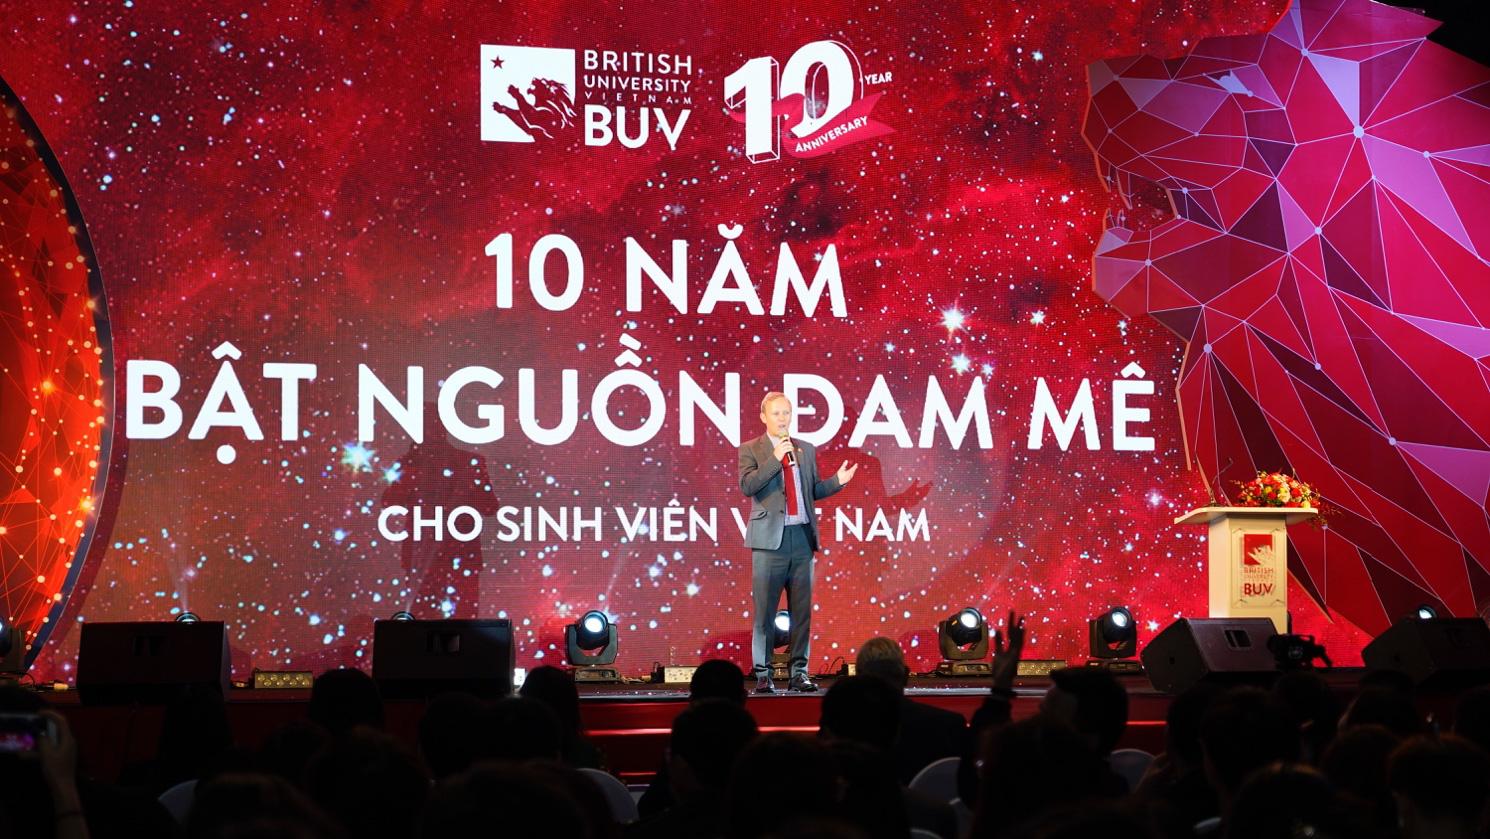 Trường Đại học Anh Quốc Việt Nam kỷ niệm 10 năm thành lập - Ảnh 2.